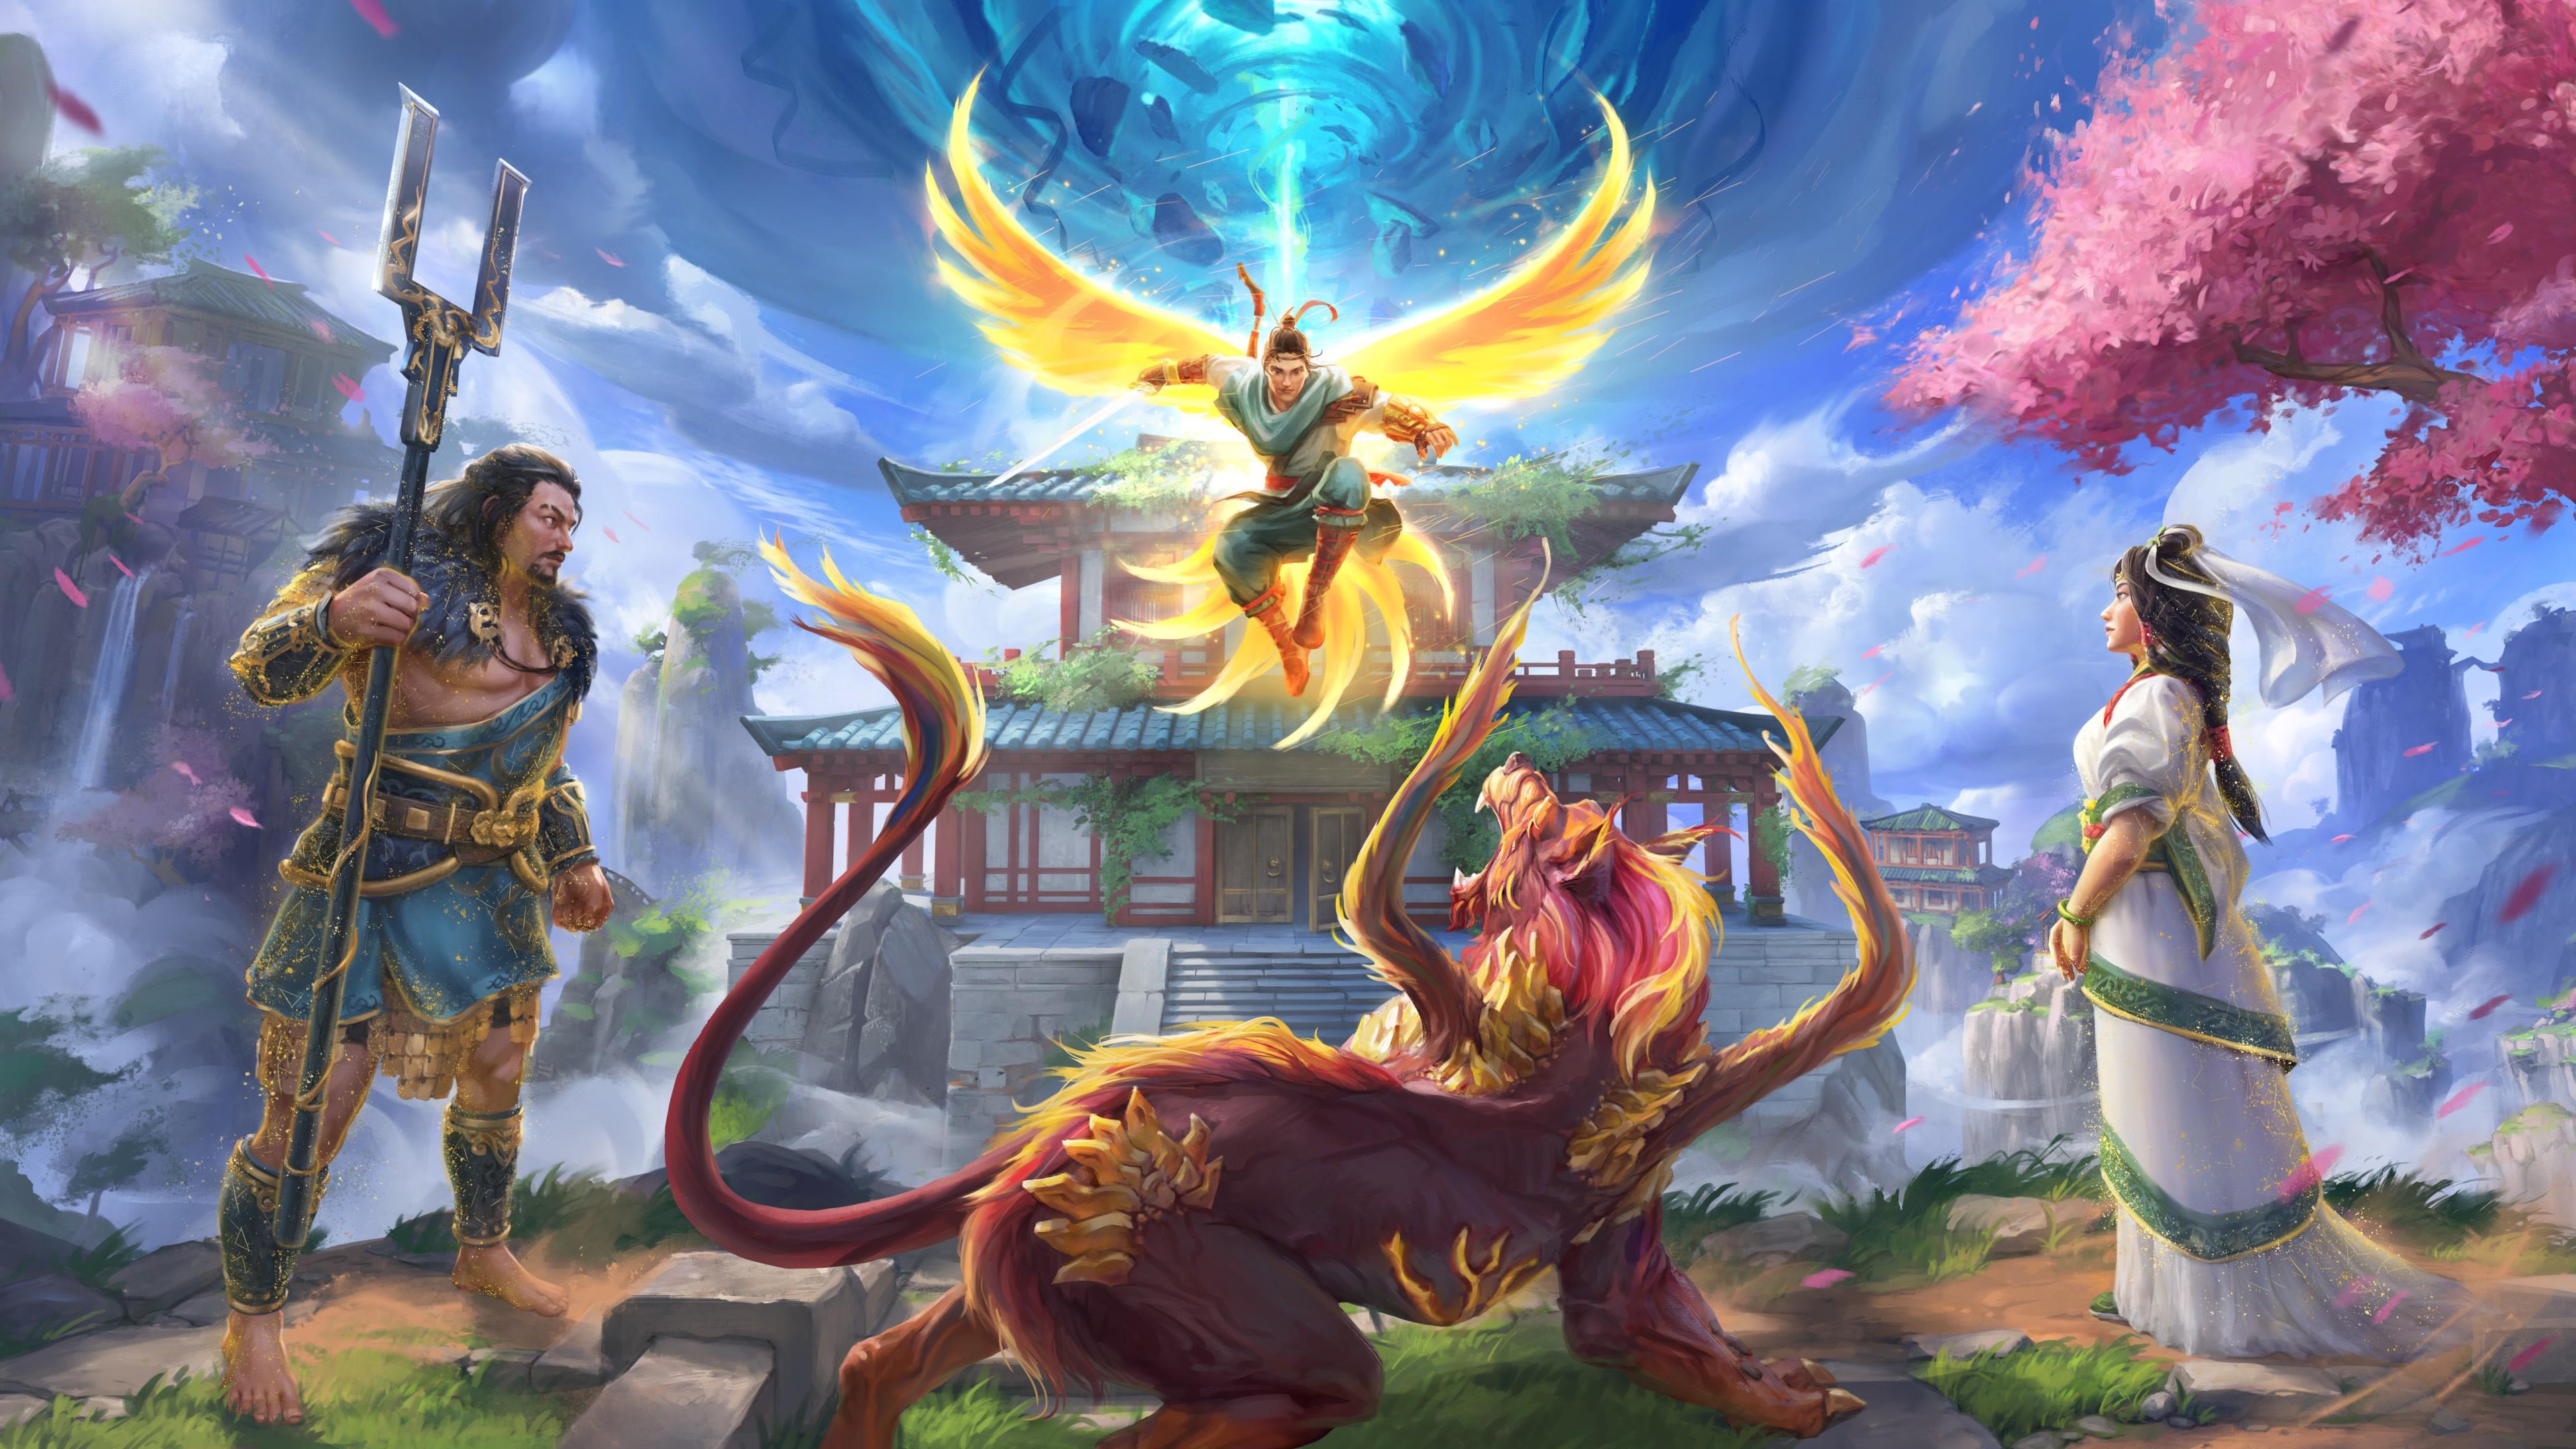 Релизный трейлер второго DLC для Immortals Fenyx Rising 2